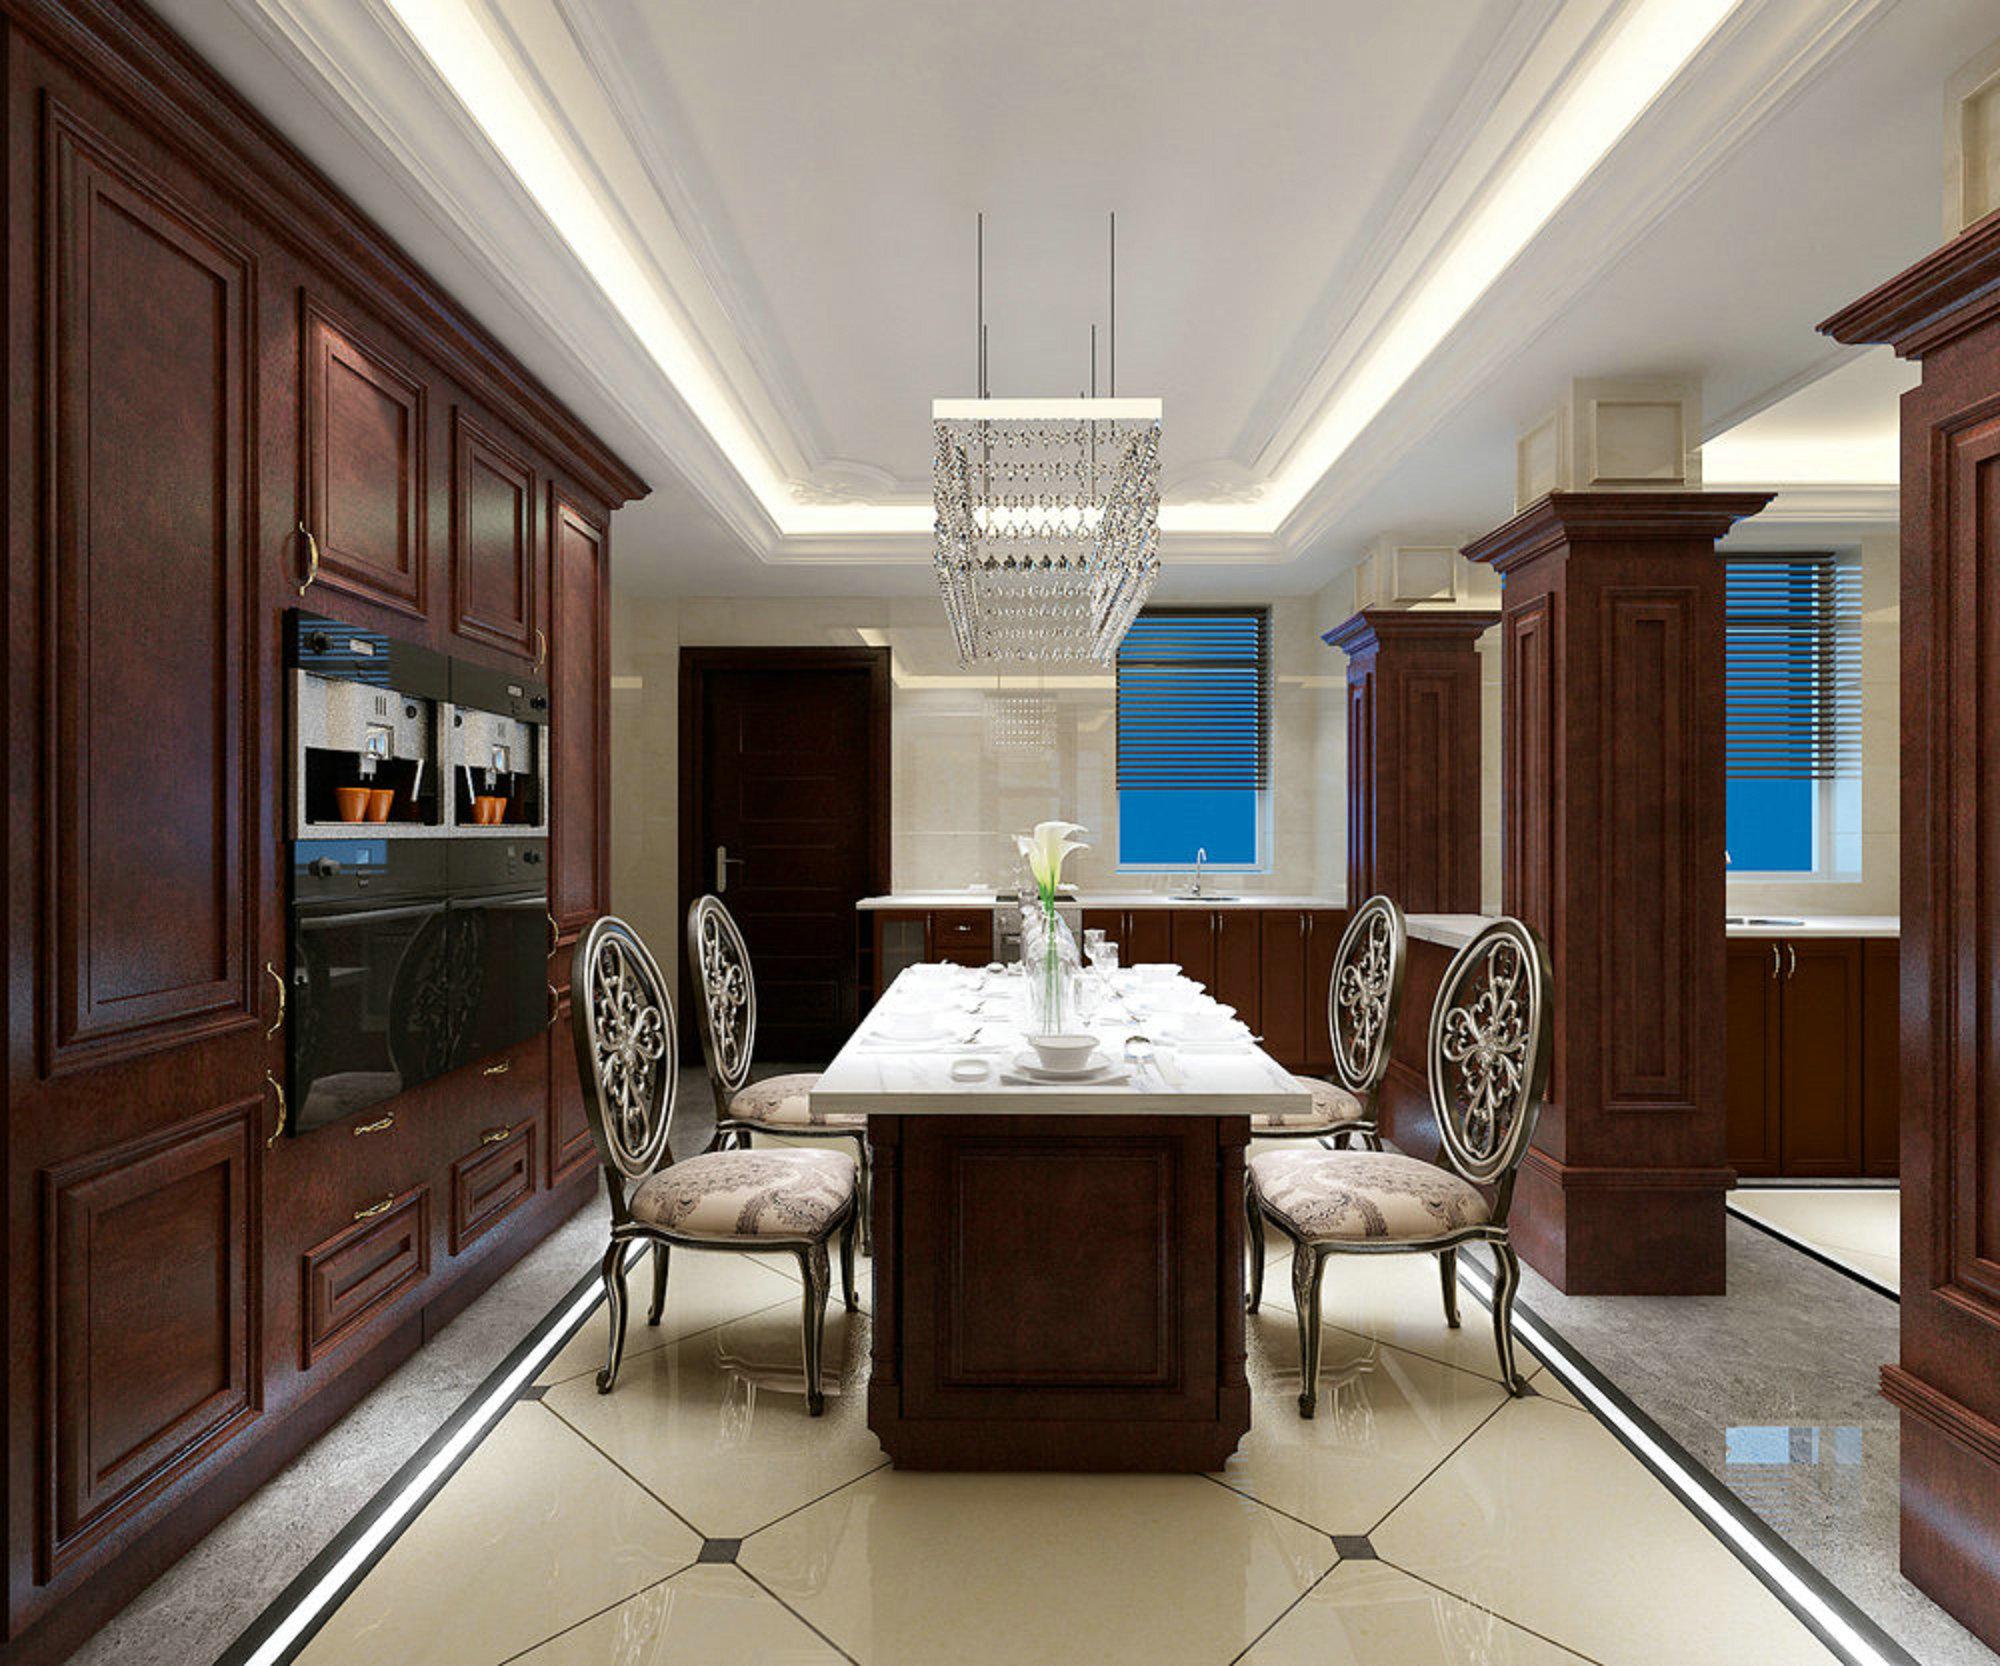 东方夏威夷 别墅装修 欧美古典 腾龙设计 餐厅图片来自孔继民在东方夏威夷别墅装修美式古典的分享